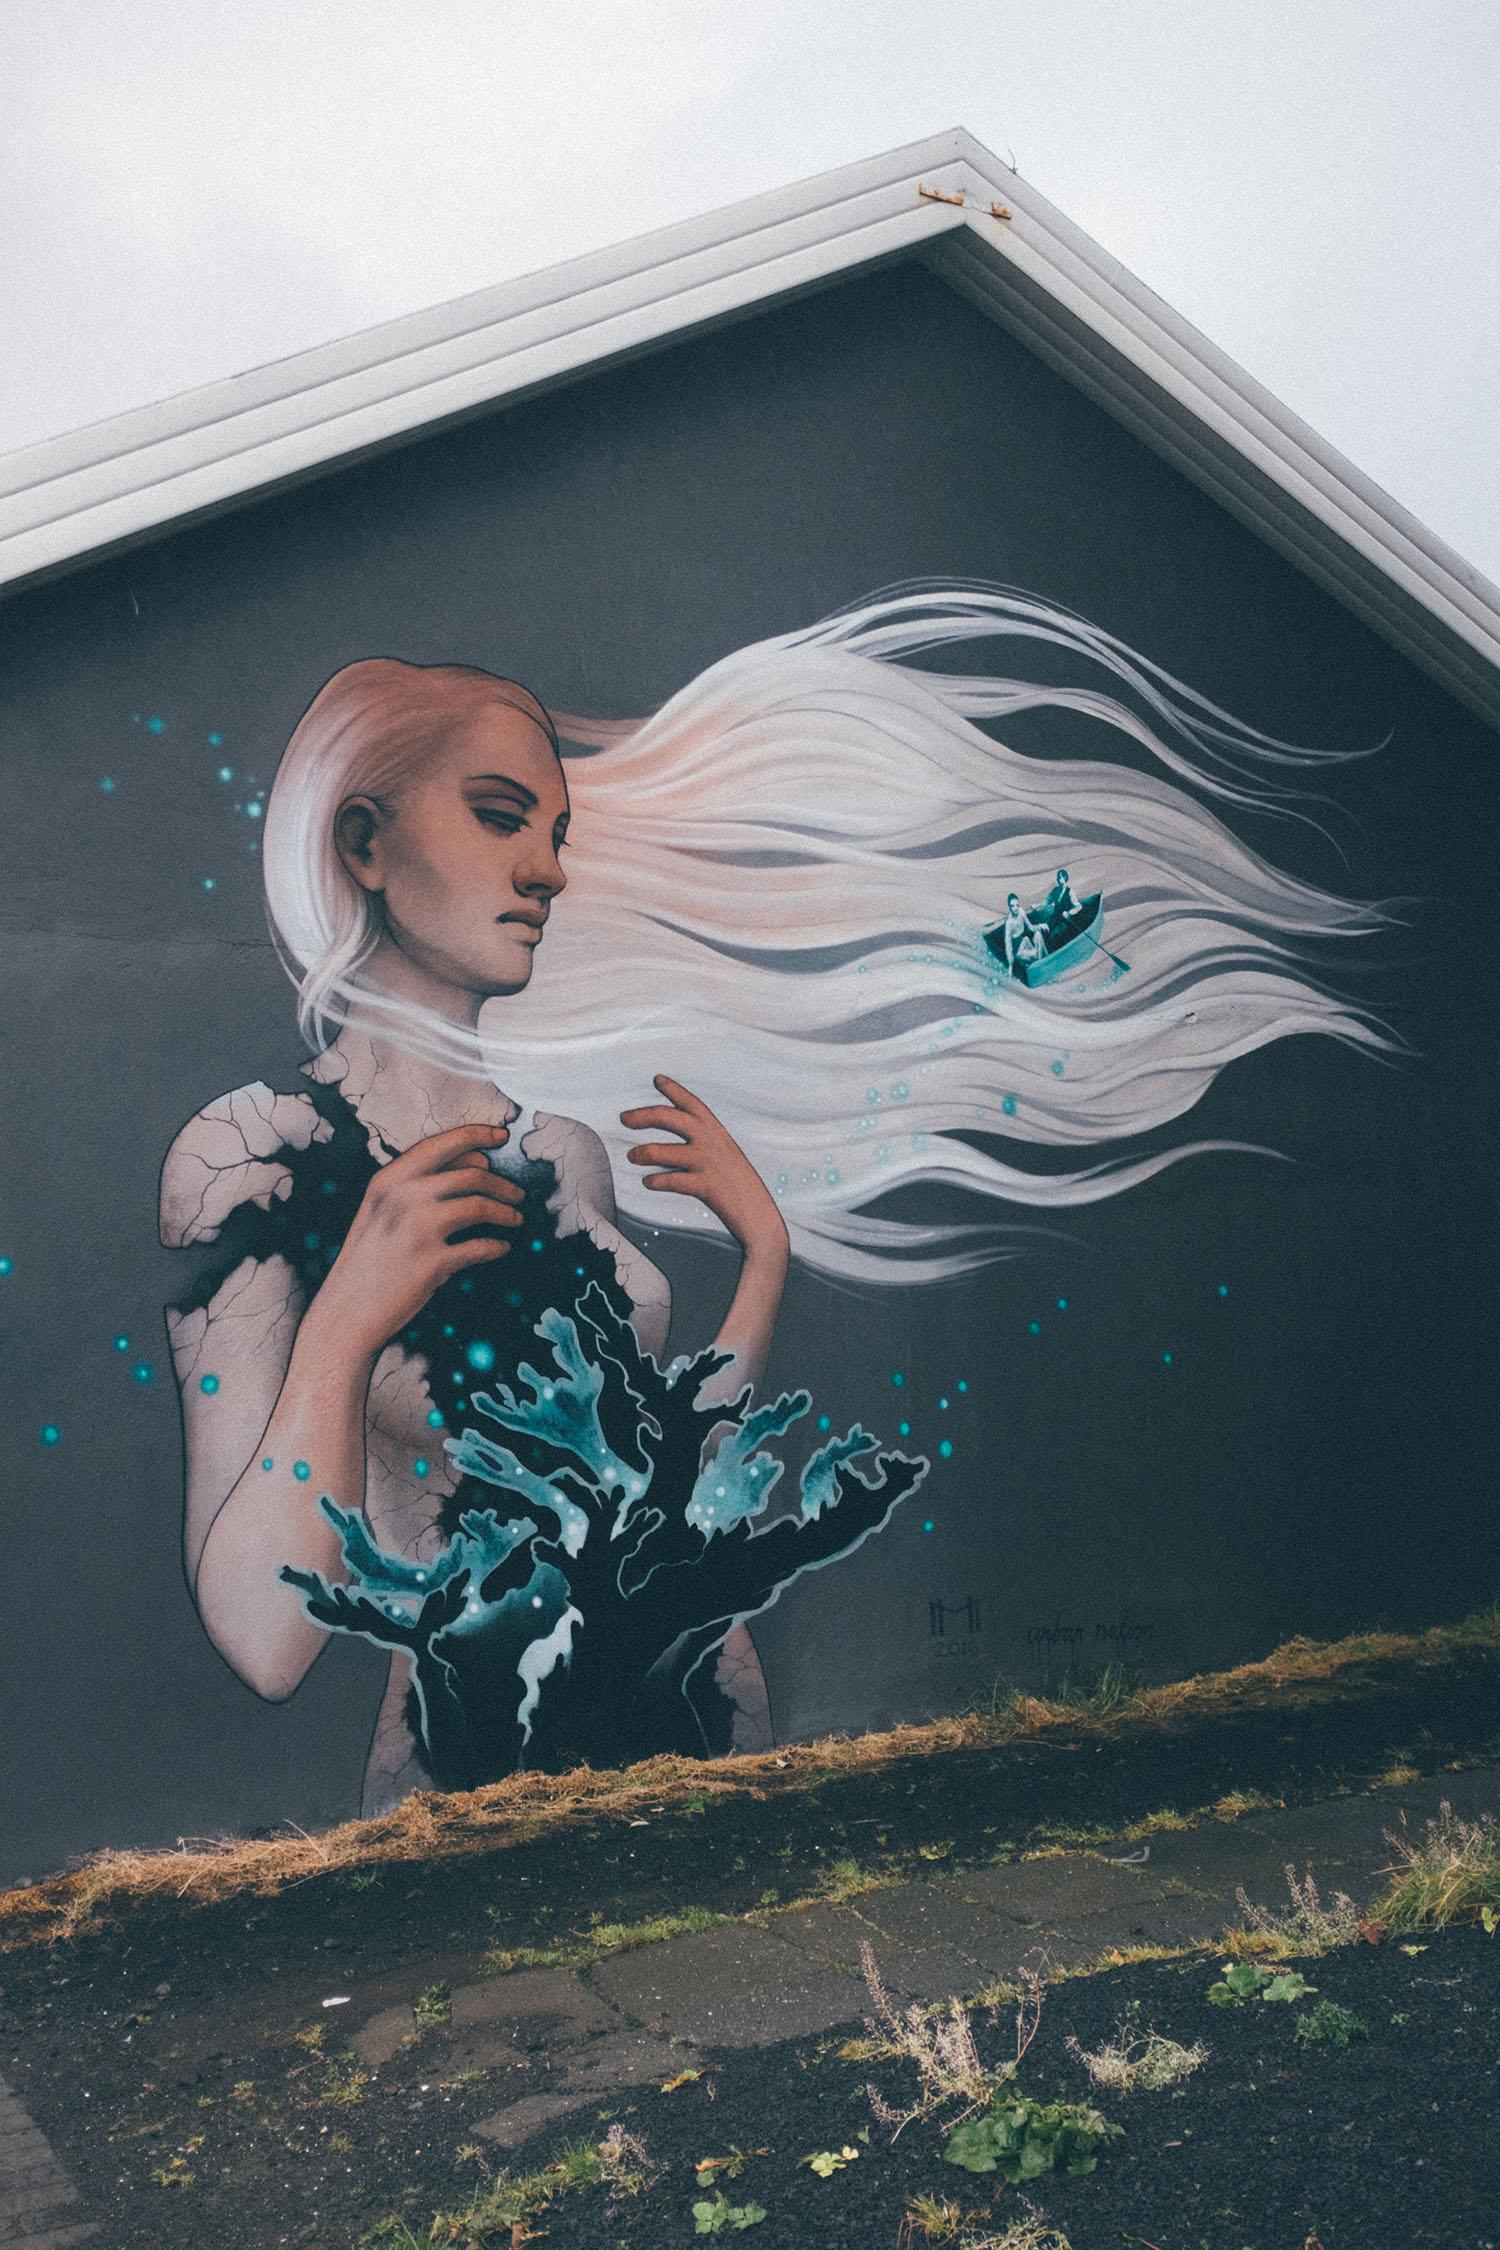 iceland street art reykjavik mural